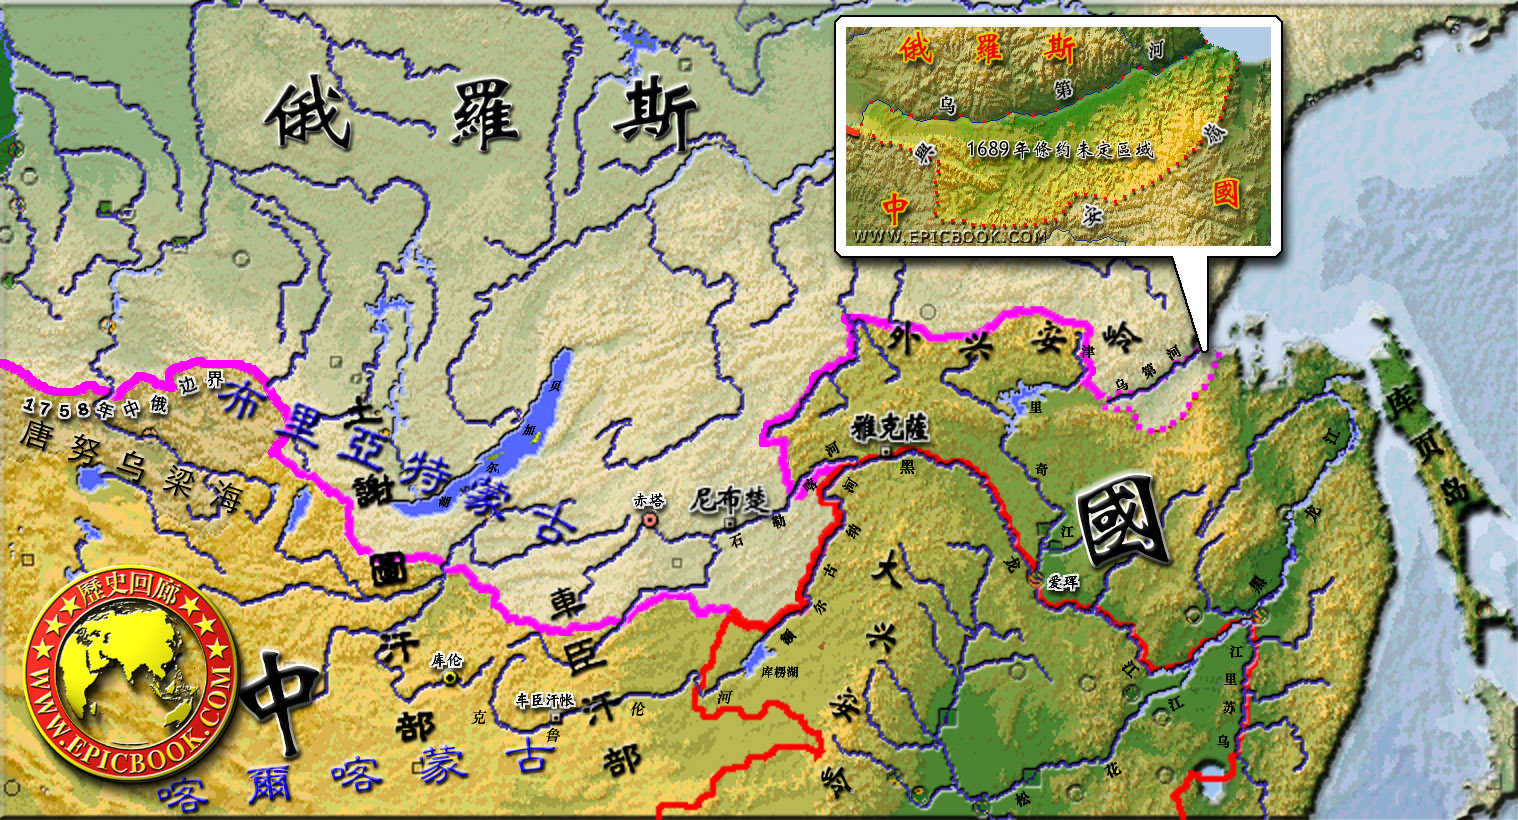 中俄议定边界条约《尼布楚条约》